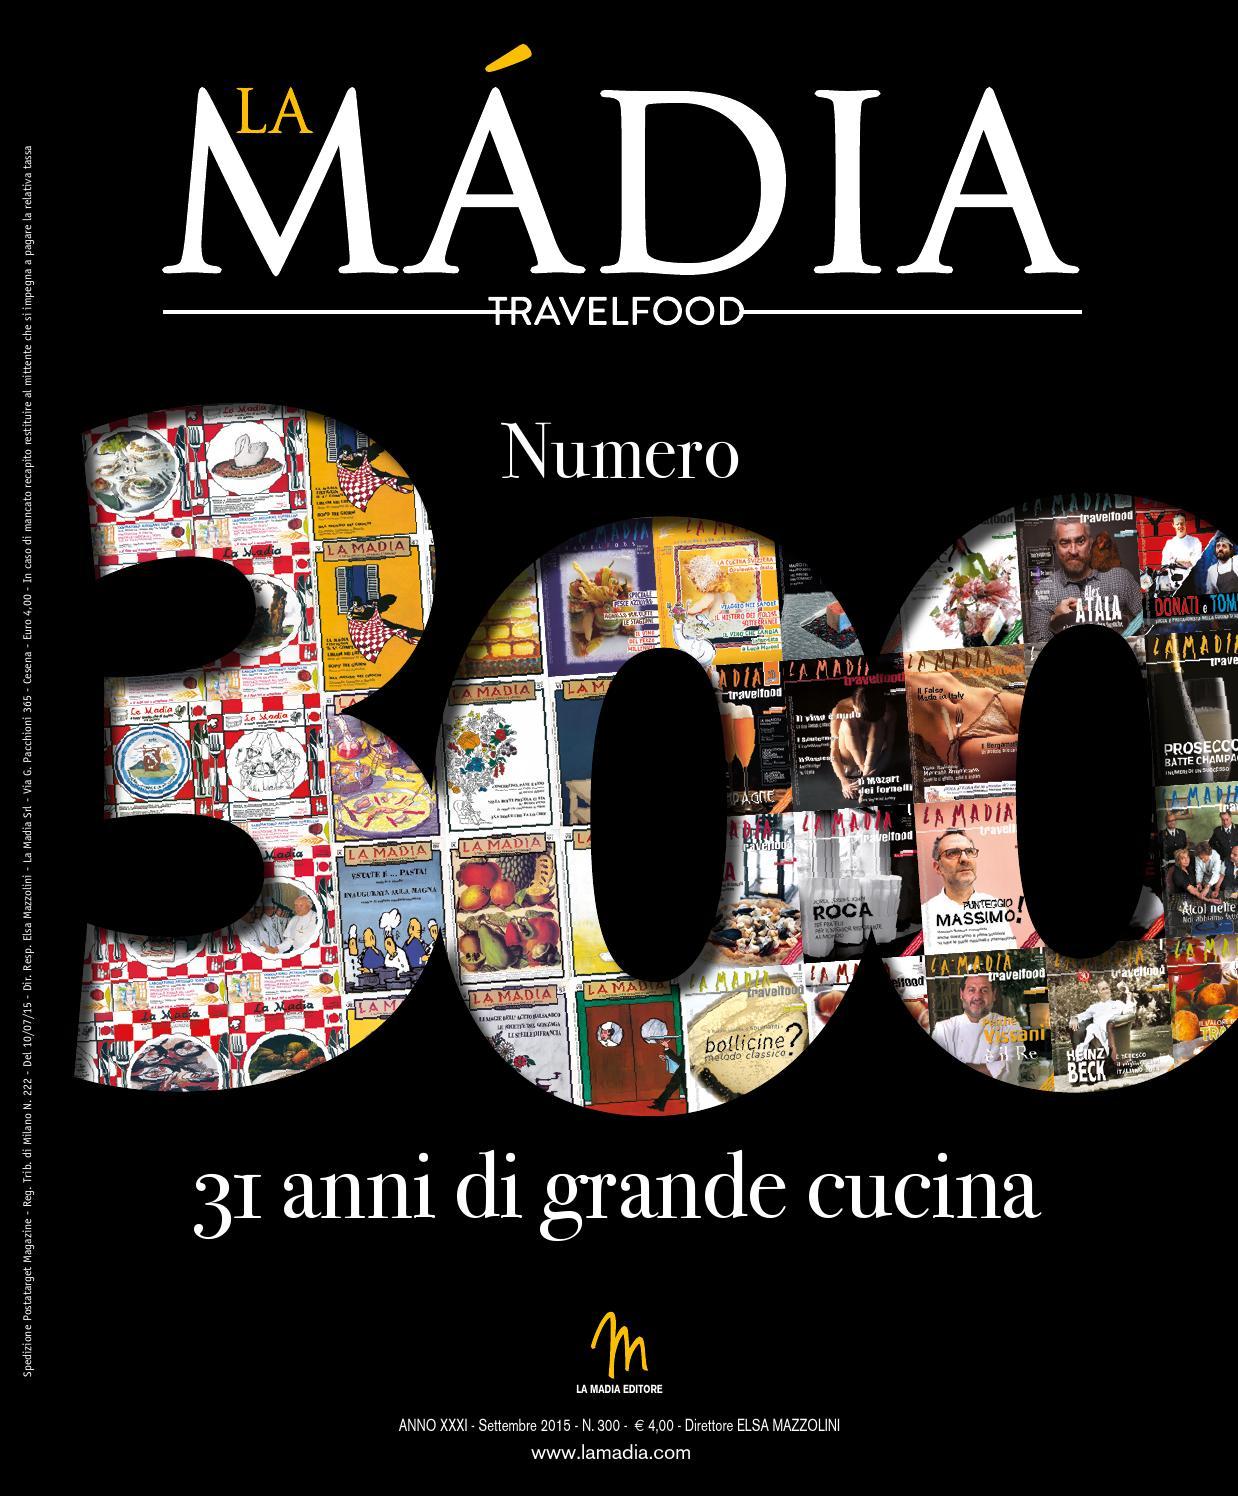 78c7a5ad8 La Madia Travelfood n. 300 - Settembre 2015 by lamadiasrl - issuu